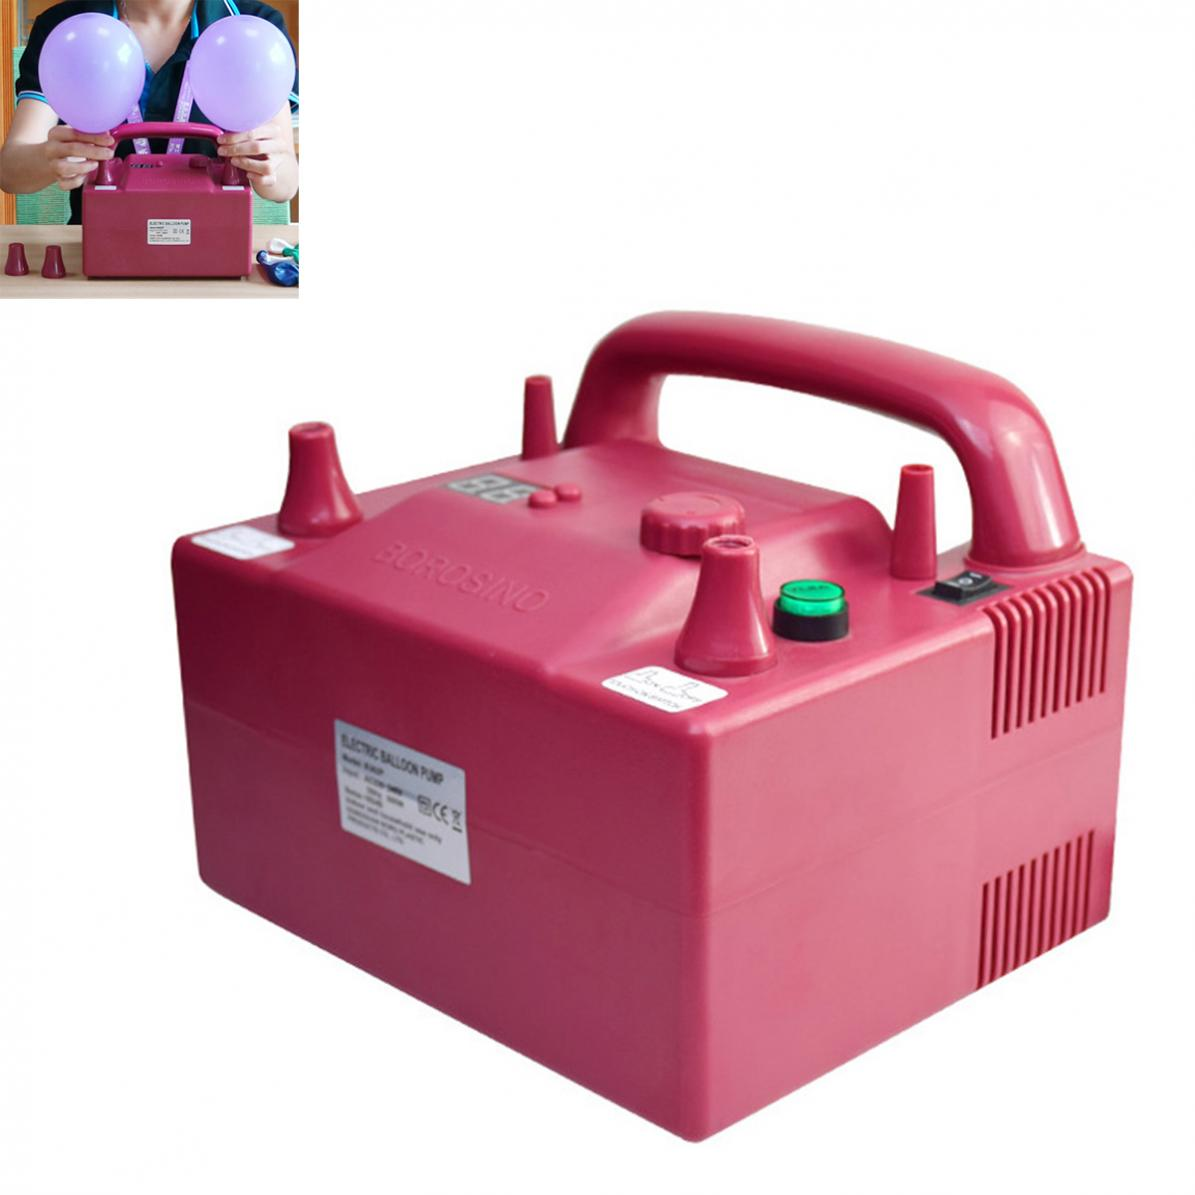 BOROSINO 800 W B362P Timing quantitatif multifonctionnel pompe à ballon électrique avec 2 buses de gonflage